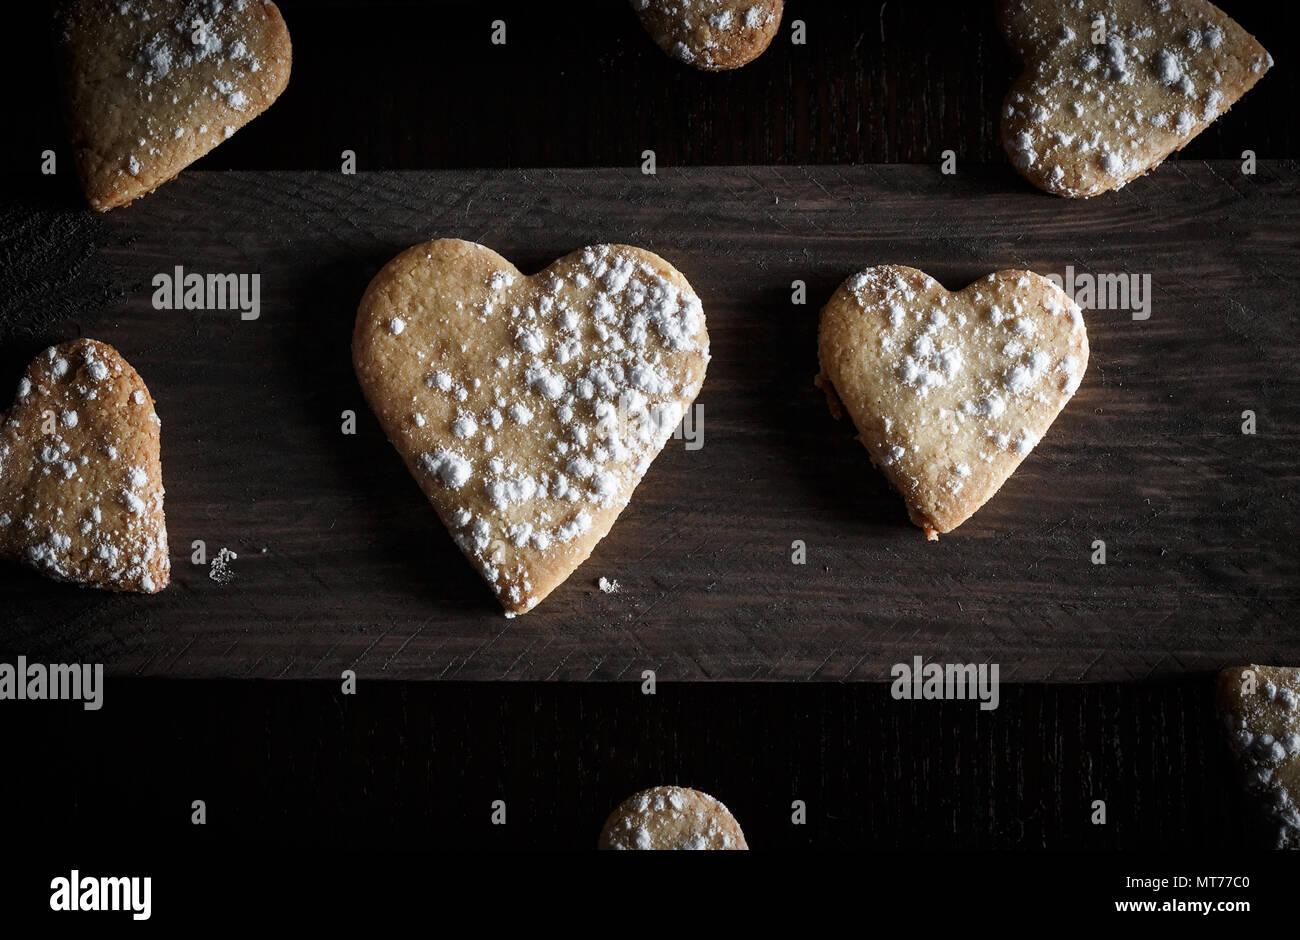 Köstliche hausgemachte herzförmige Plätzchen mit Puderzucker in eine Holzplatte bestreut. Bild horizontal von oben gesehen. Dunkle moody Stil. Stockbild